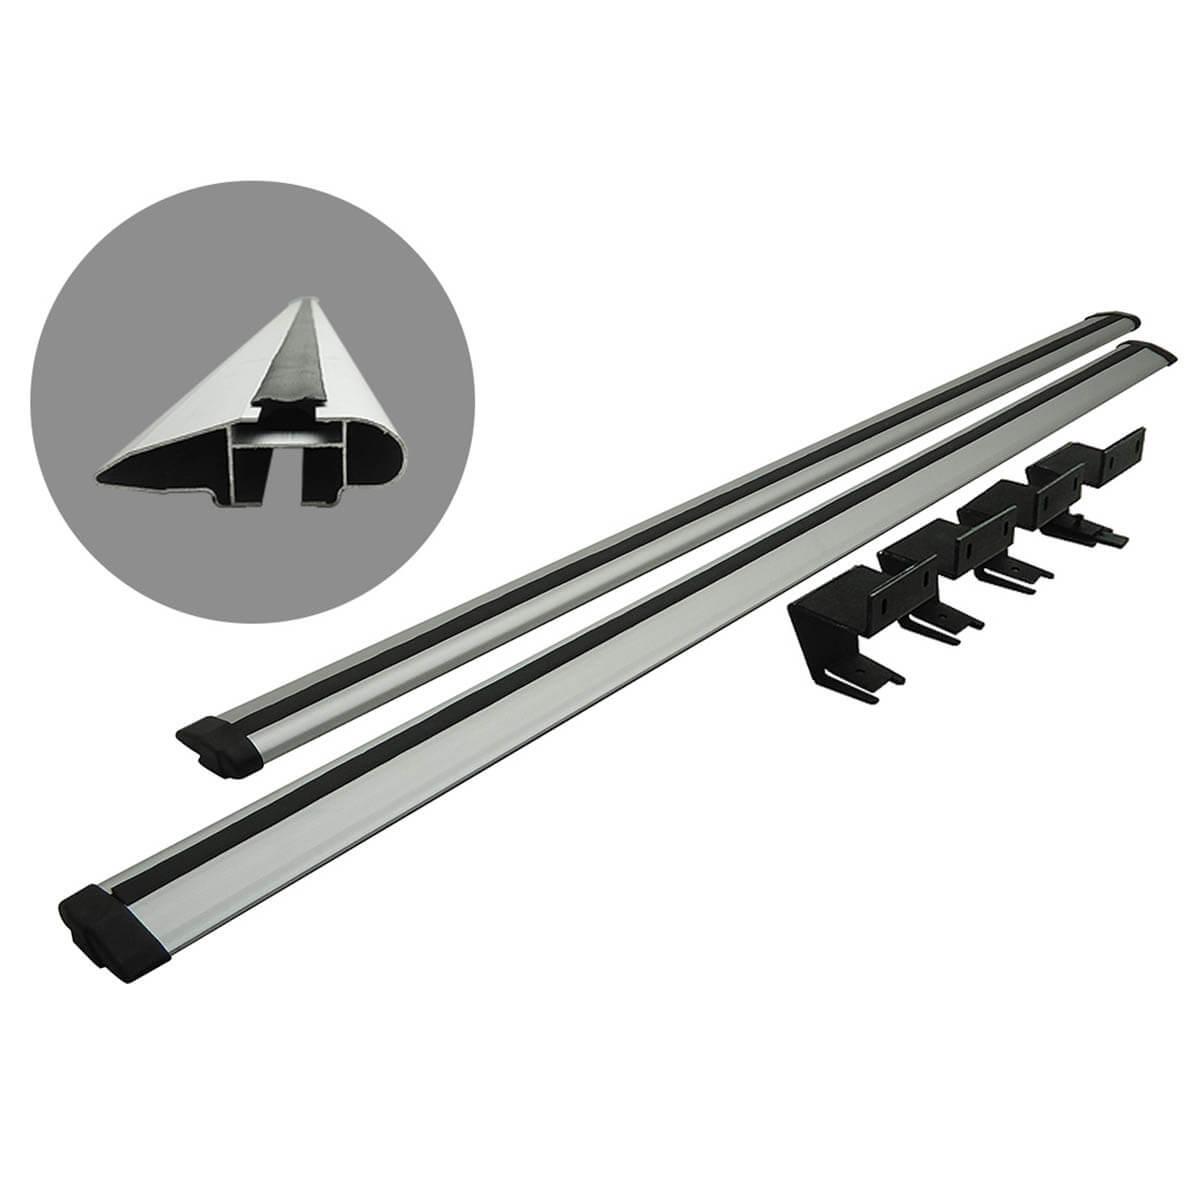 Rack de caçamba em alumínio Nova S10 2012 a 2017